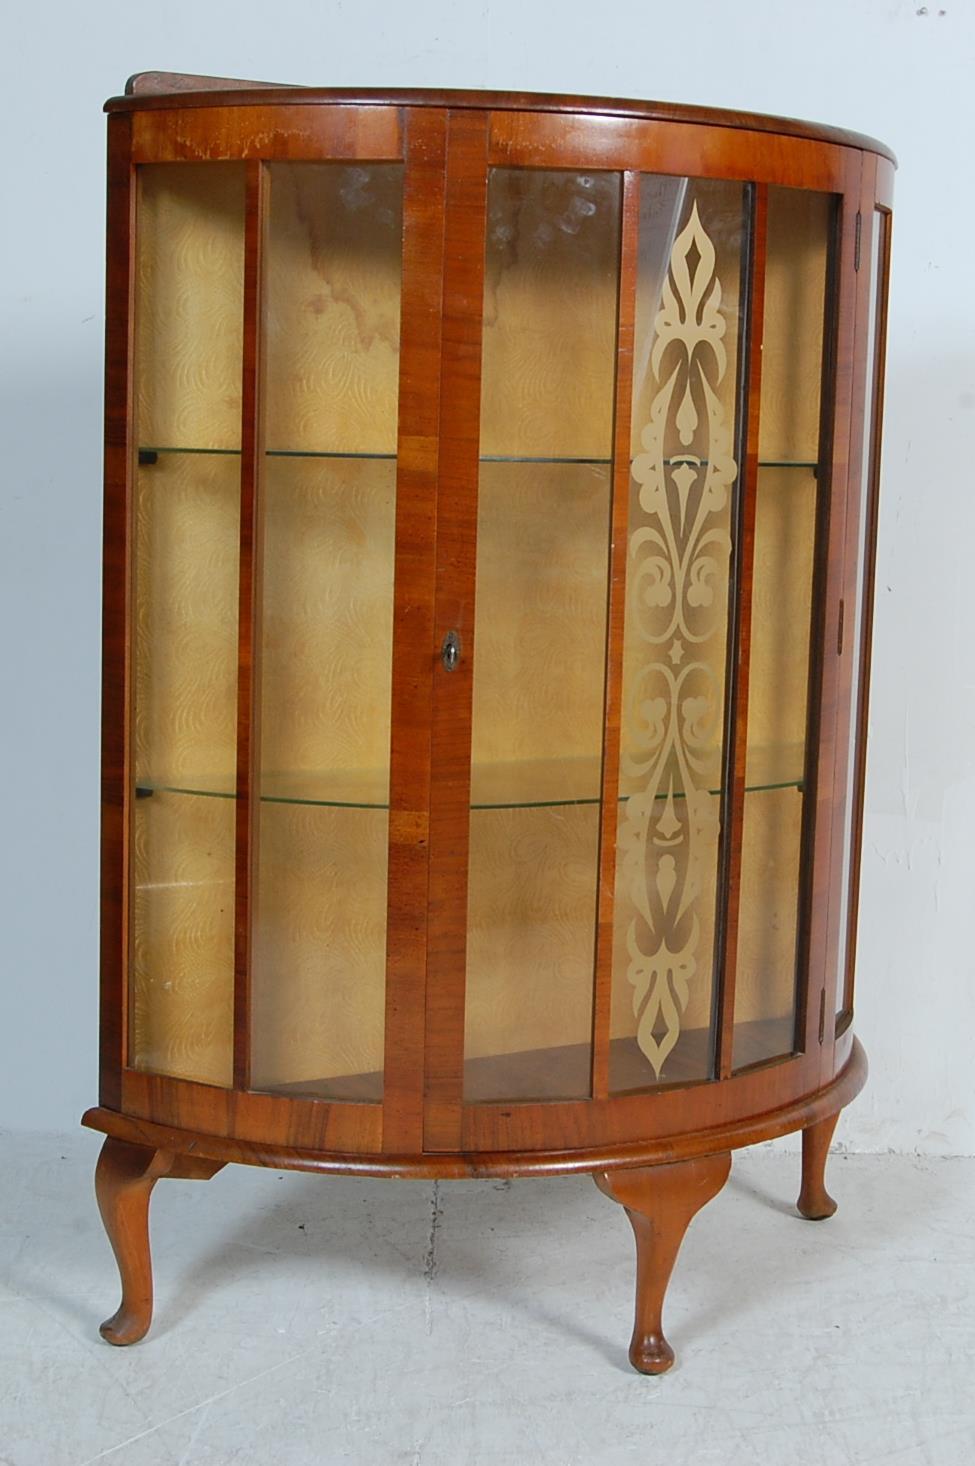 Online Retro Vintage & Antique Furniture Auction